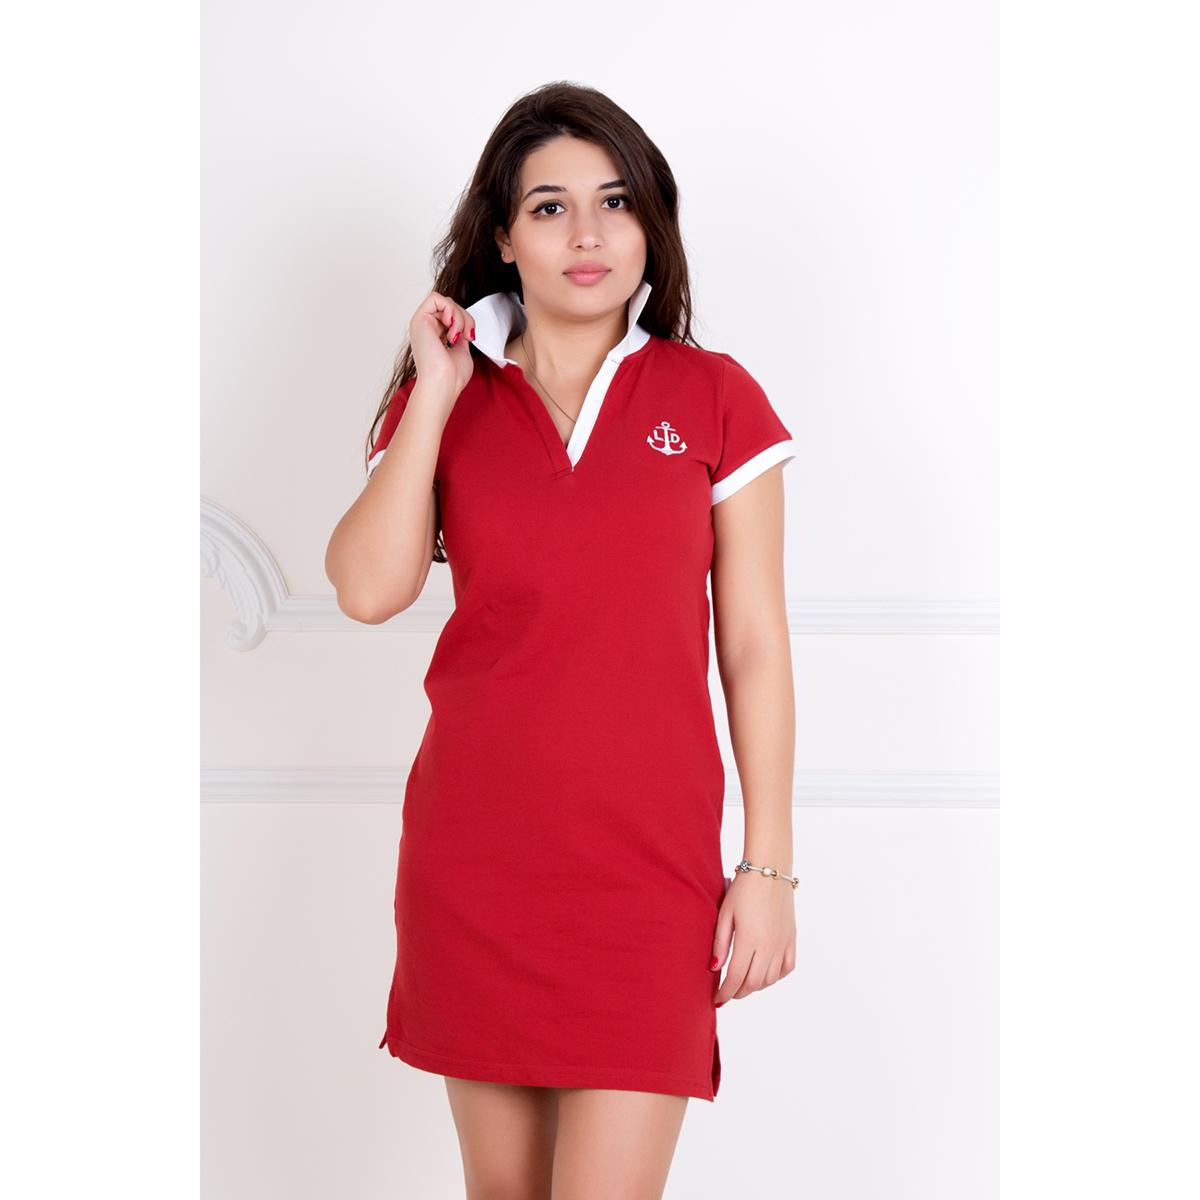 Женское платье Поло Красный, размер 44Платья<br>Обхват груди: 88 см <br>Обхват талии: 68 см <br>Обхват бедер: 96 см <br>Длина по спинке: 93 см <br>Рост: 167 см<br><br>Тип: Жен. платье<br>Размер: 44<br>Материал: Пике